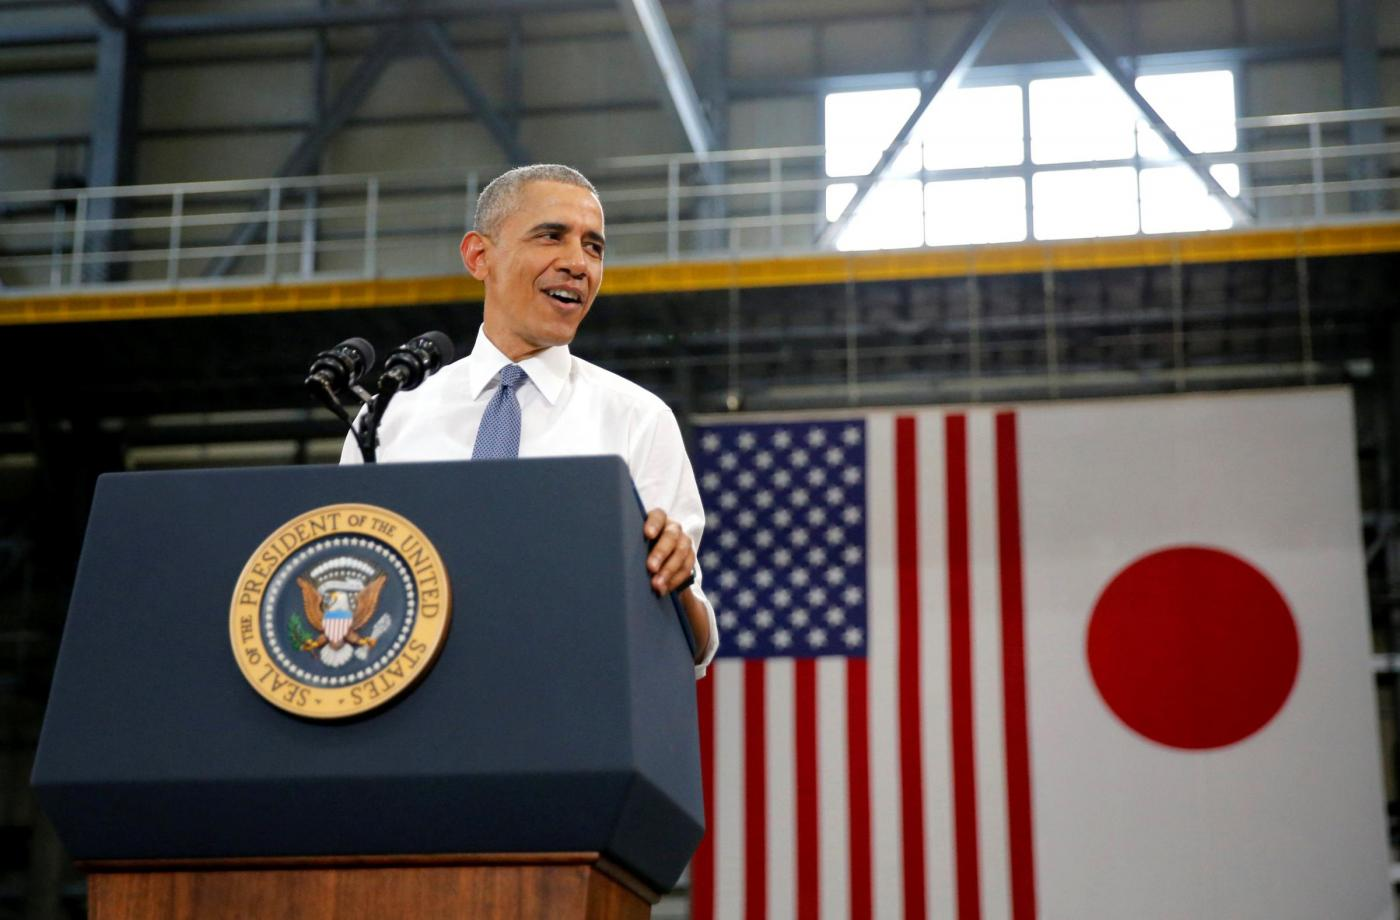 Giappone Barack Obama a Hiroshima